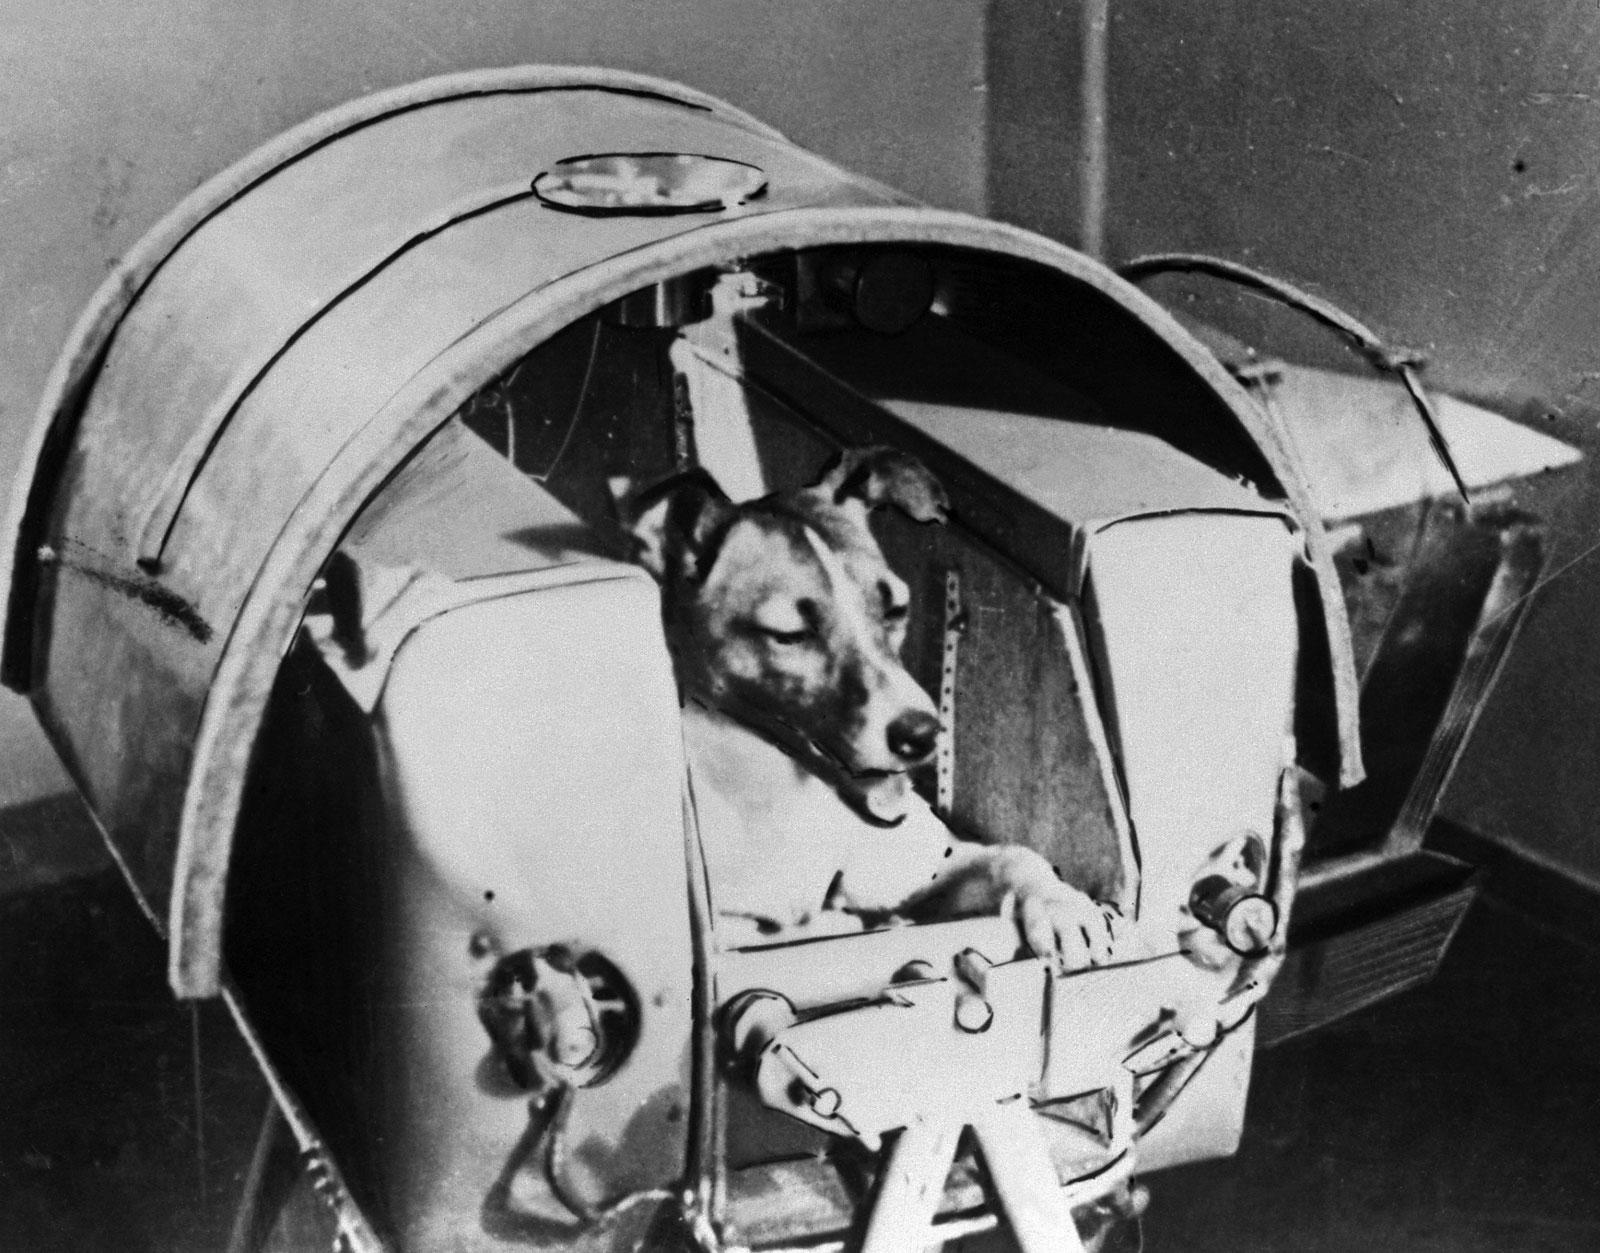 фото лайки собаки на спутнике 2